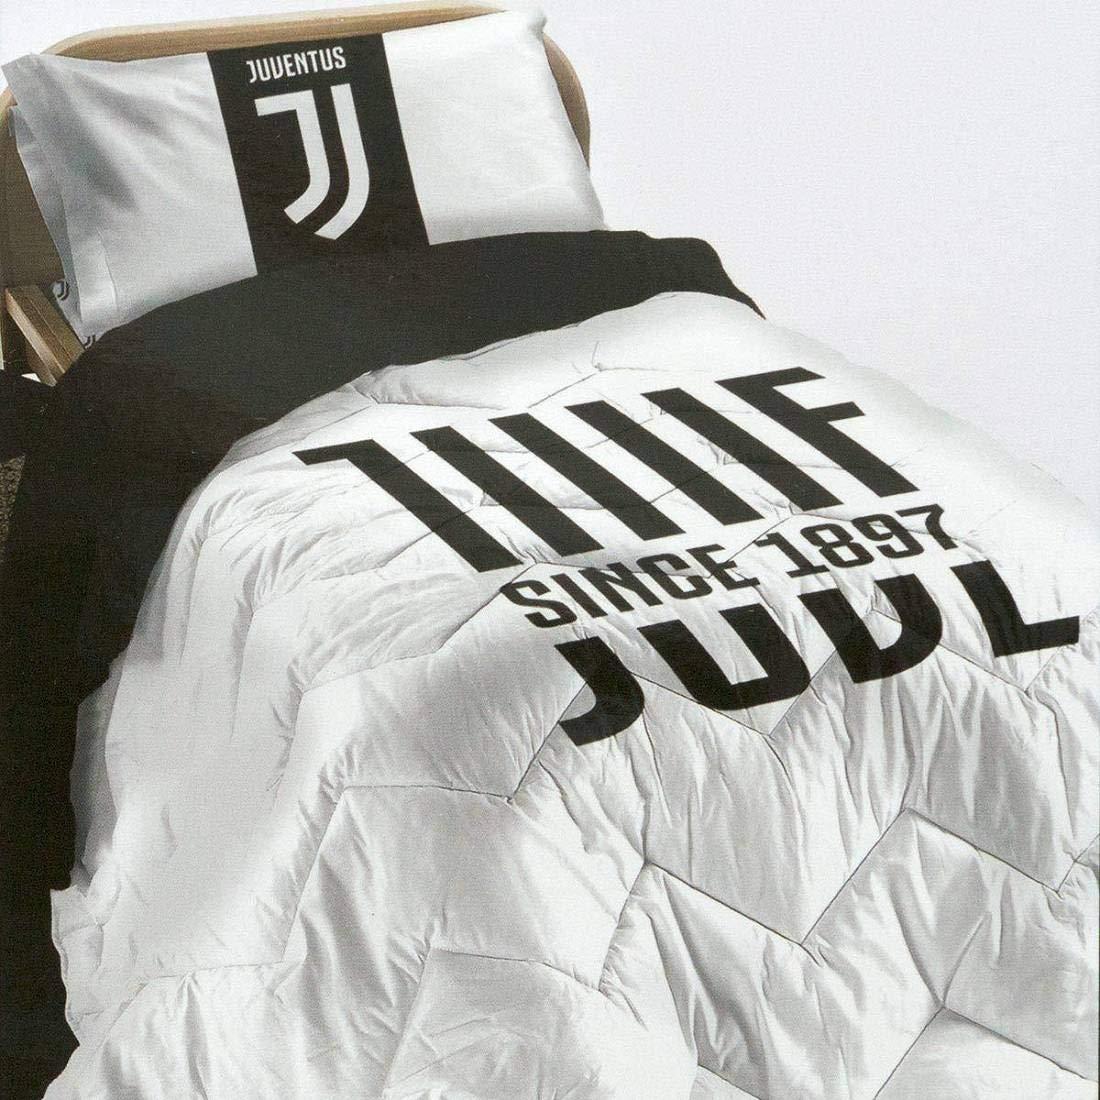 Steppdecke für Einzelbett, Juventus FC Original, 170 x 260 cm